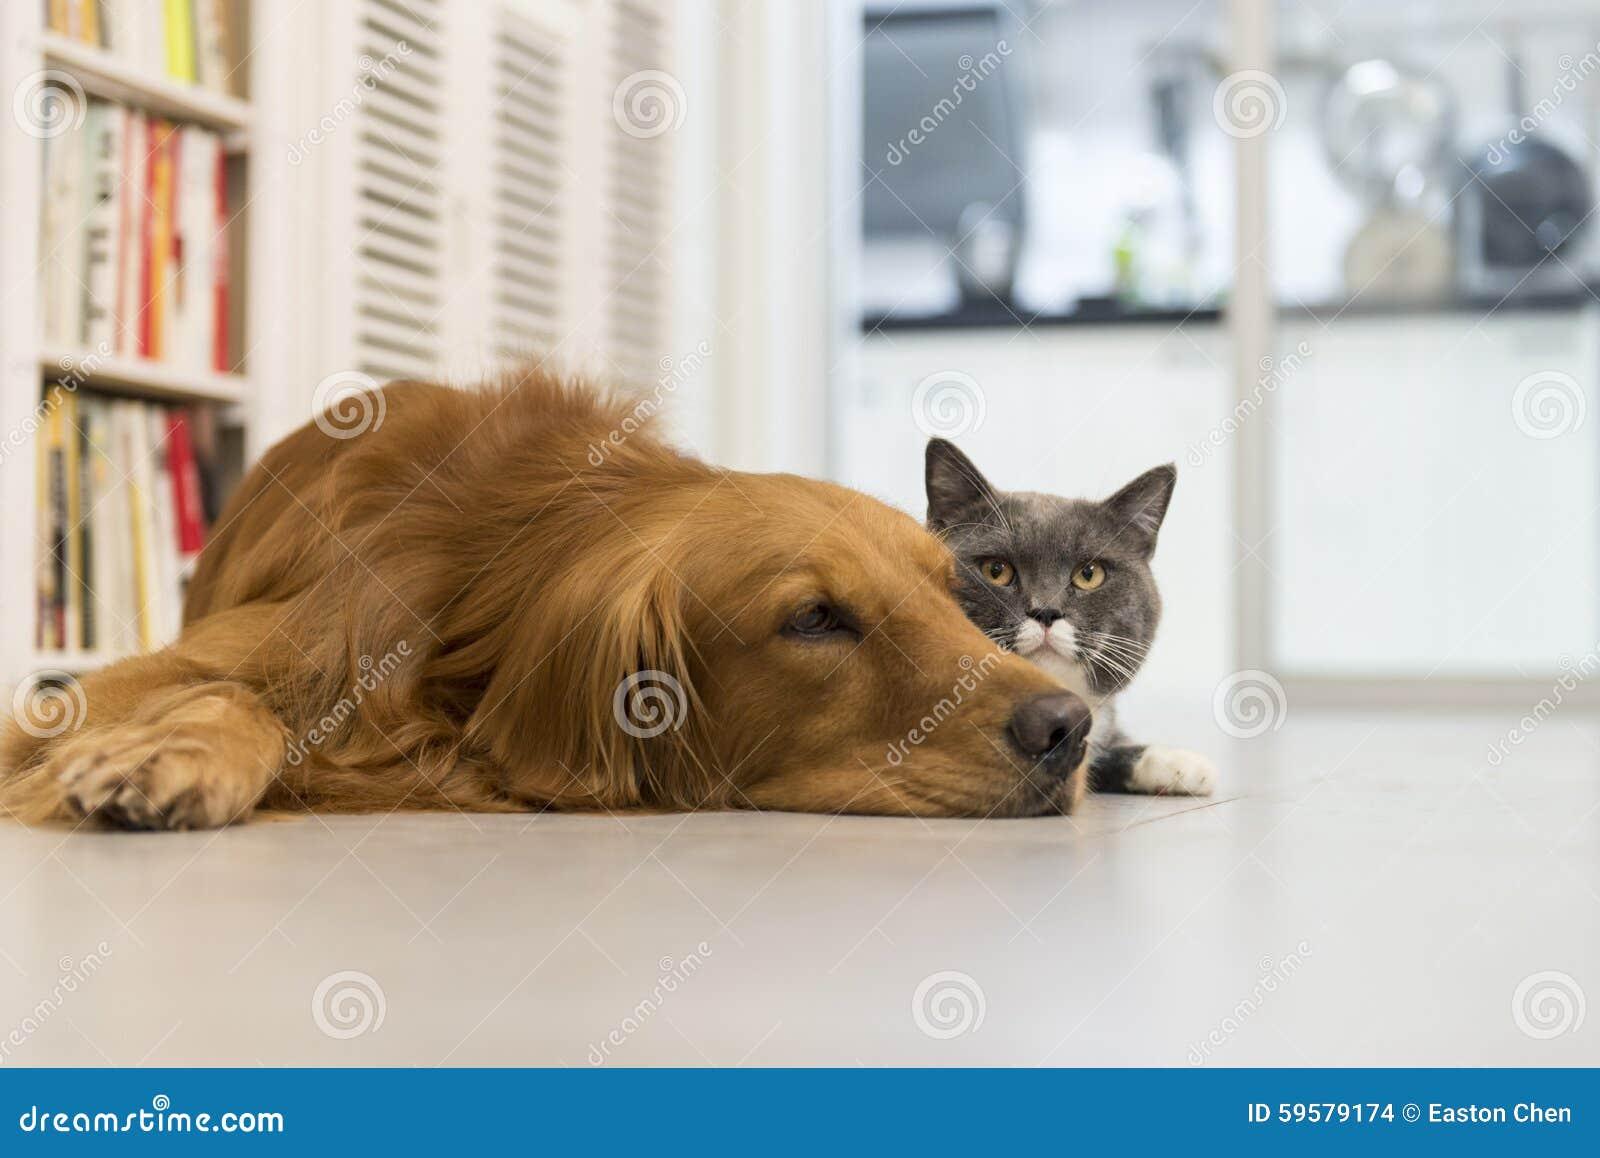 katzen und hunde stockfoto bild von haupt zusammen